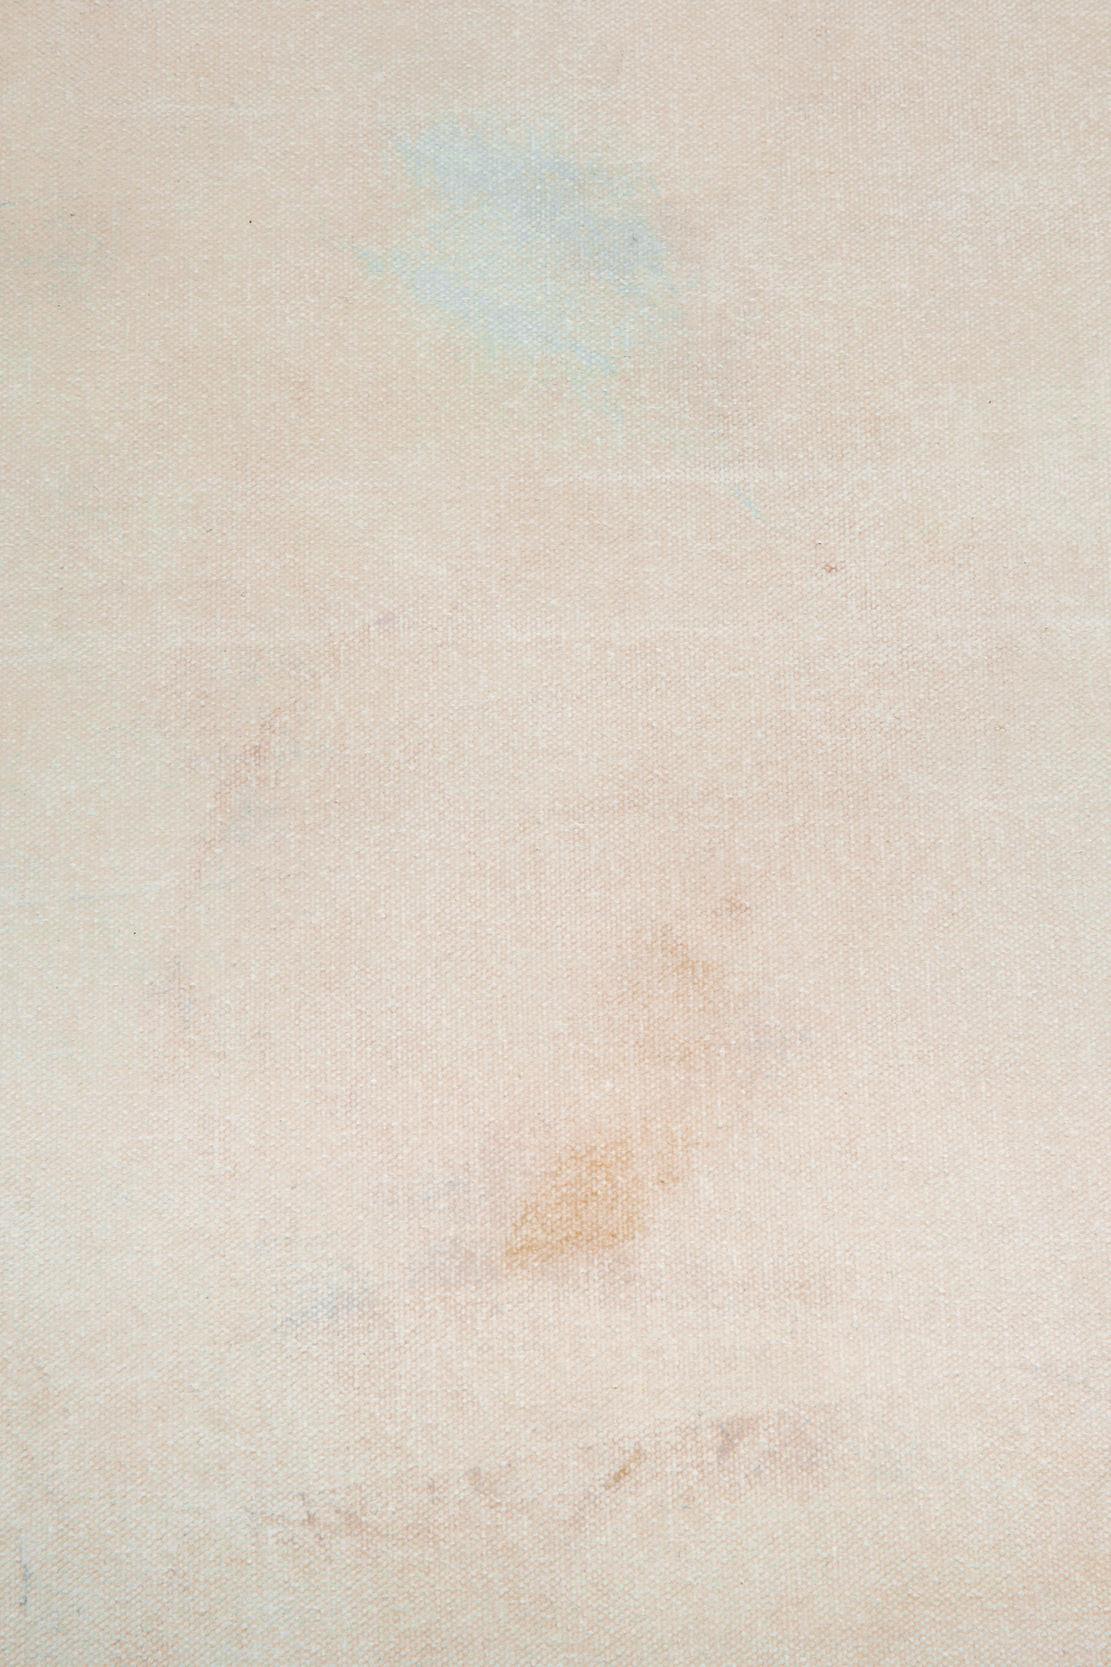 Gesture (Painting 1) Detail